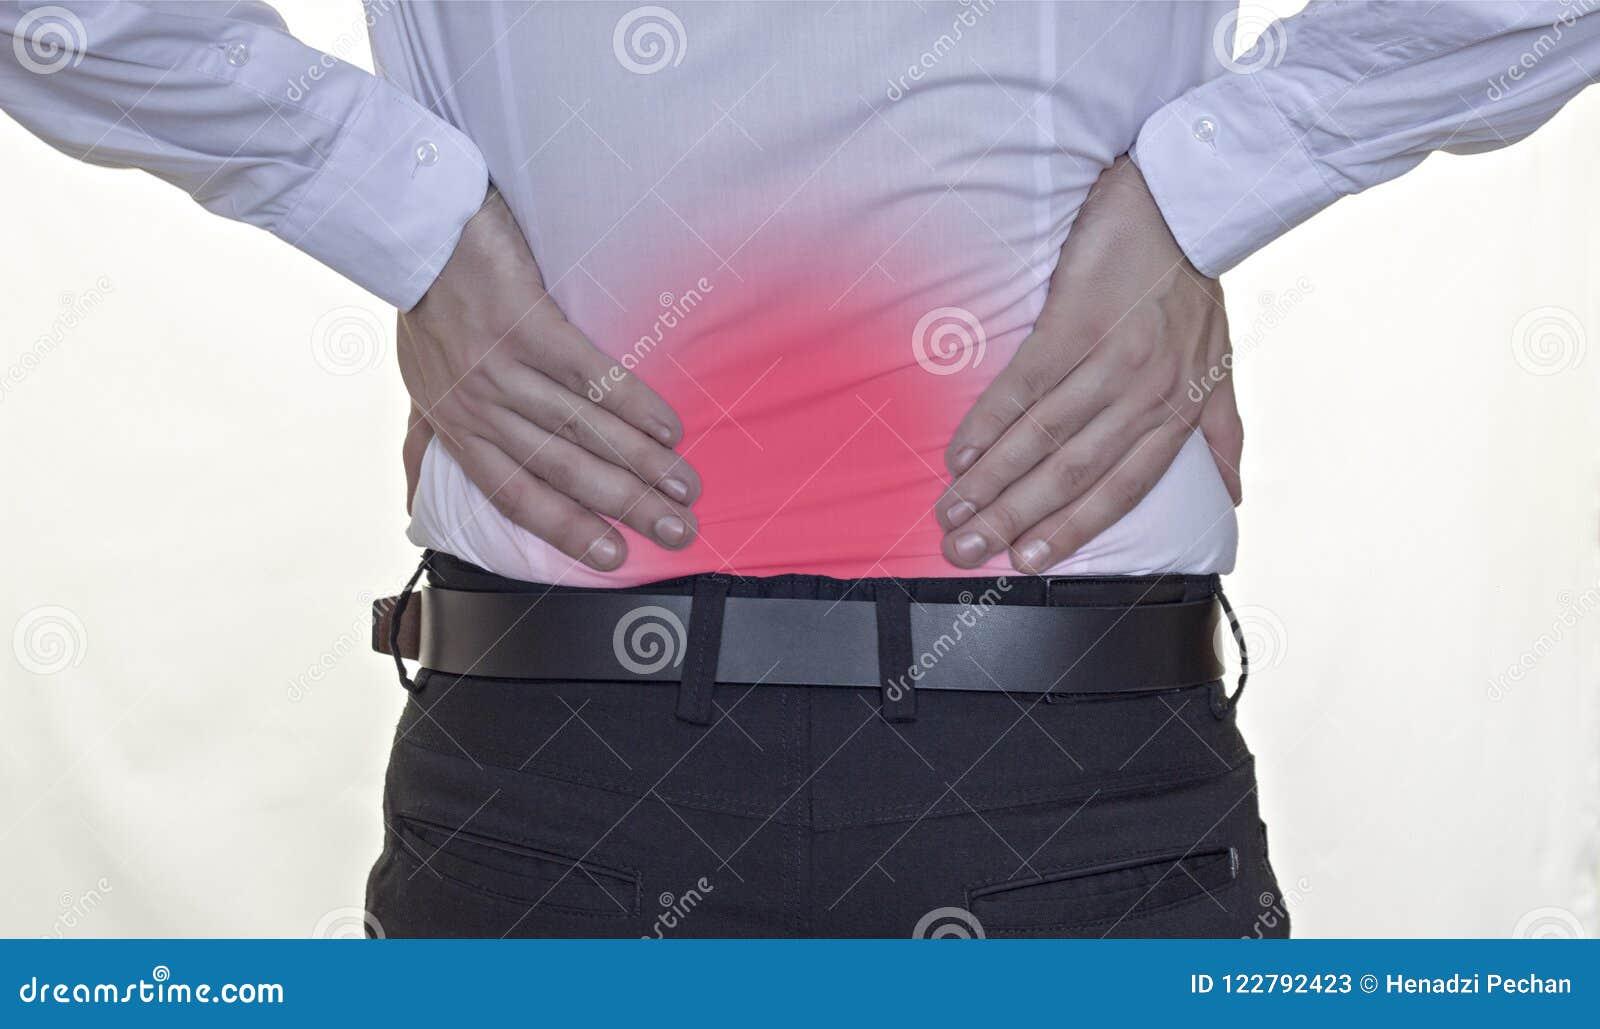 Um homem em uma camisa branca aferra-se à parte traseira, dor nas costas, vermelho para trás, o homem de negócios branco do fundo